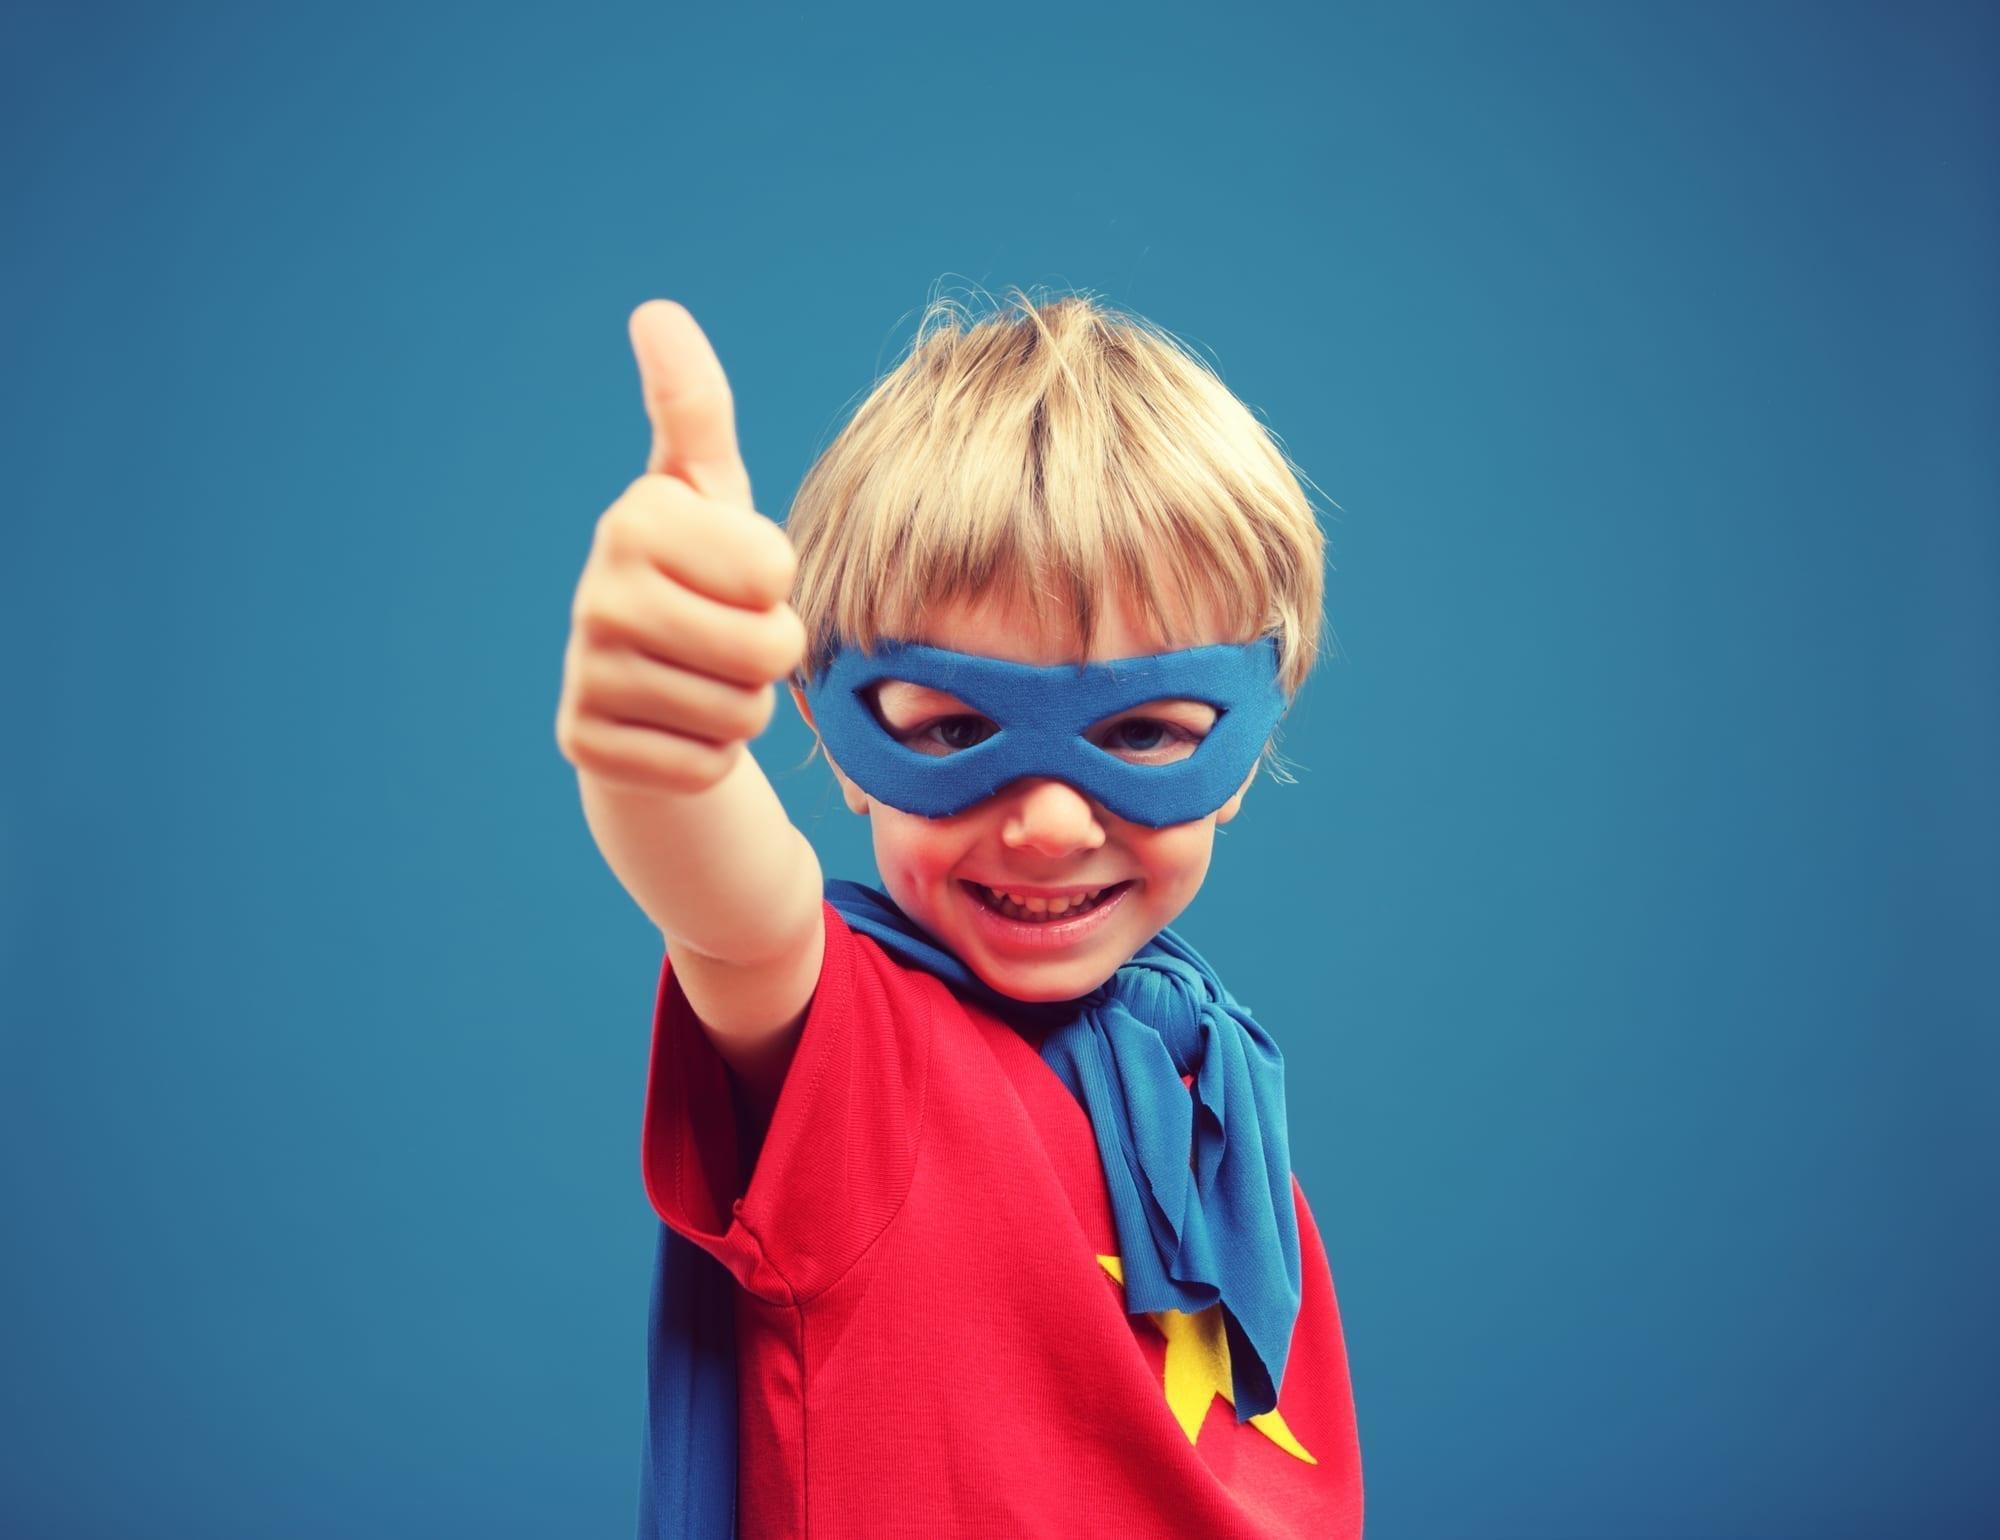 kid dressed as superhero